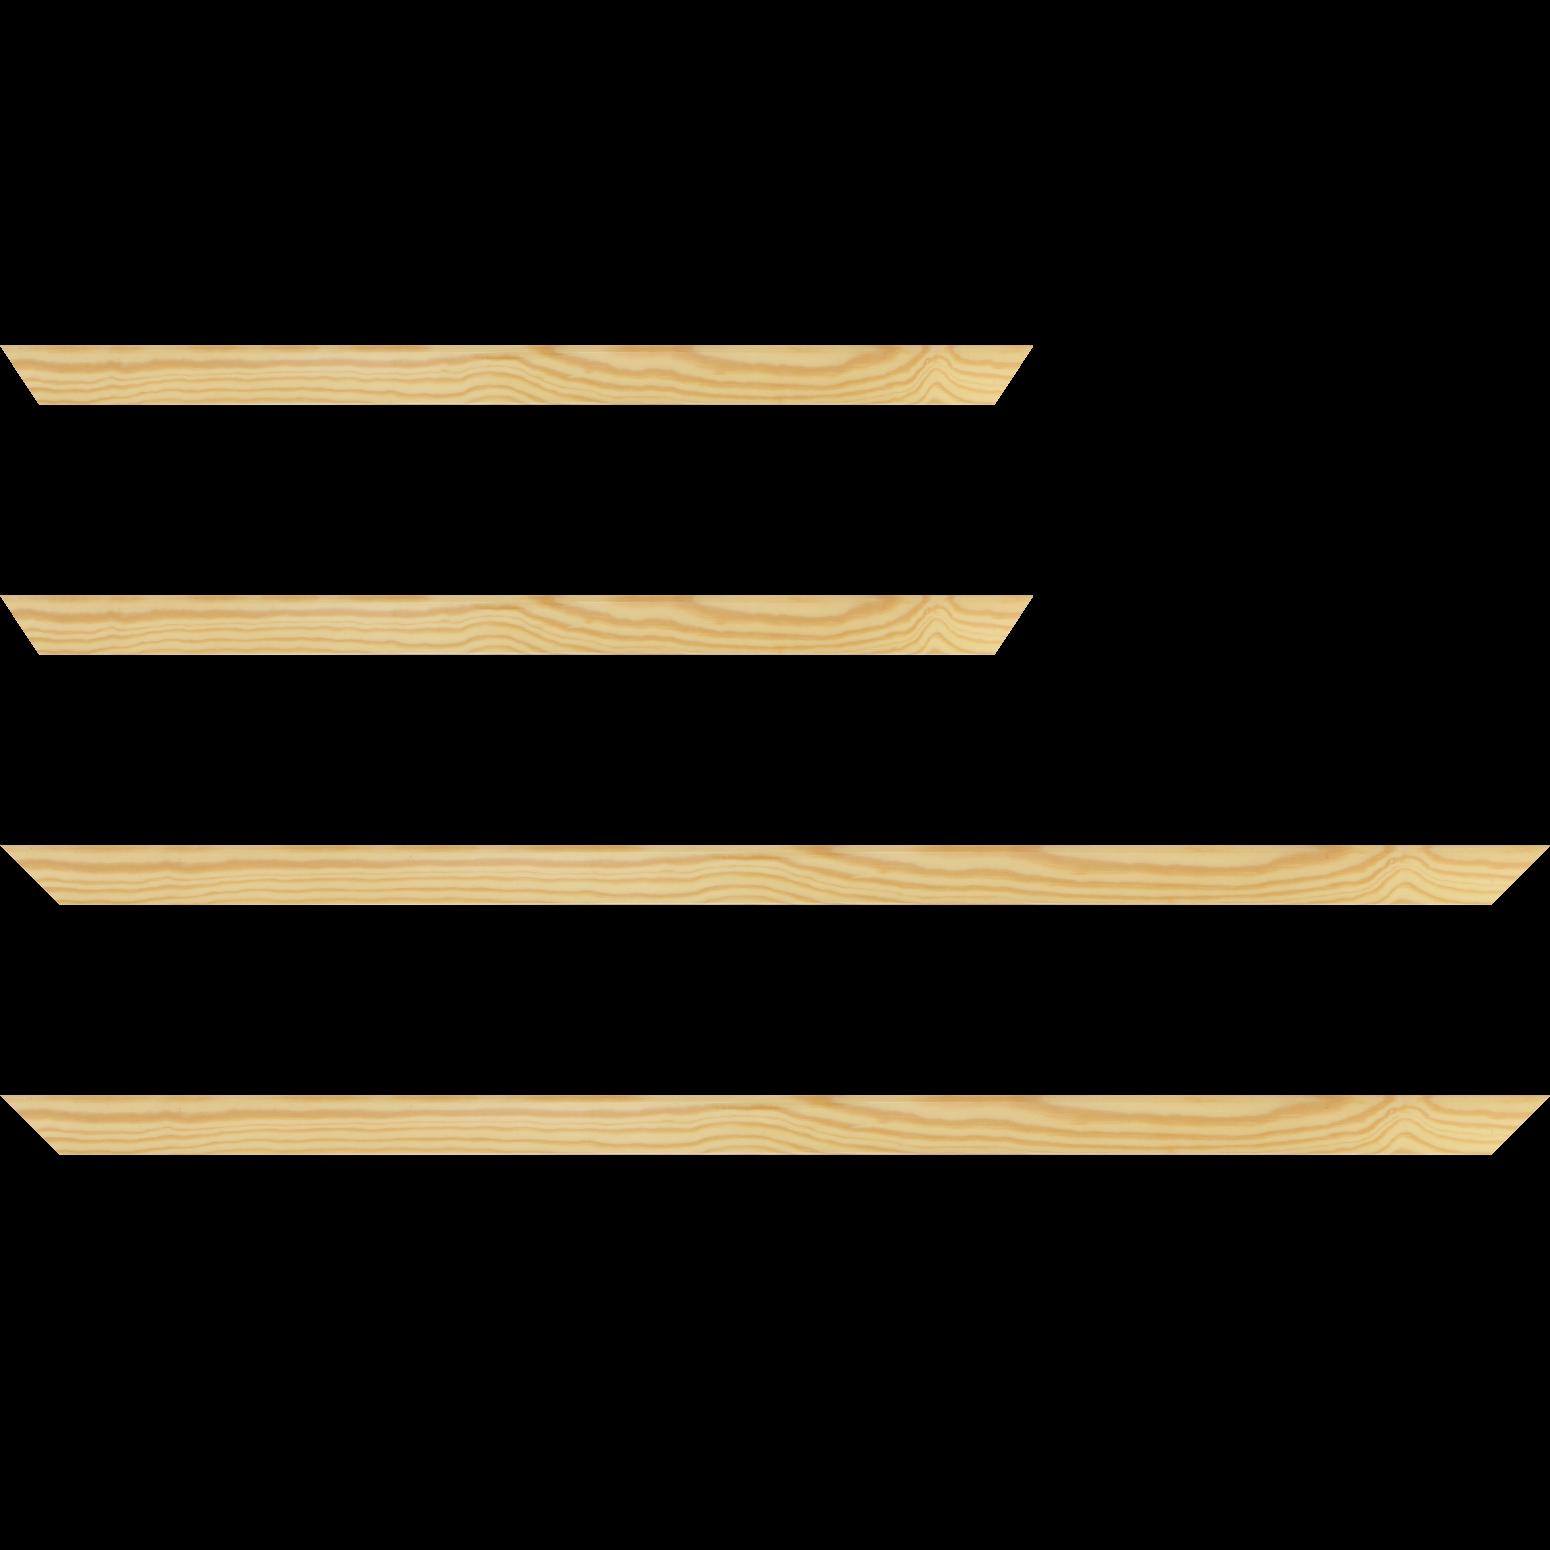 Baguette service précoupé Bois profil arrondi plongeant largeur 2cm couleur naturel vernis sur pin (veine du bois apparent)